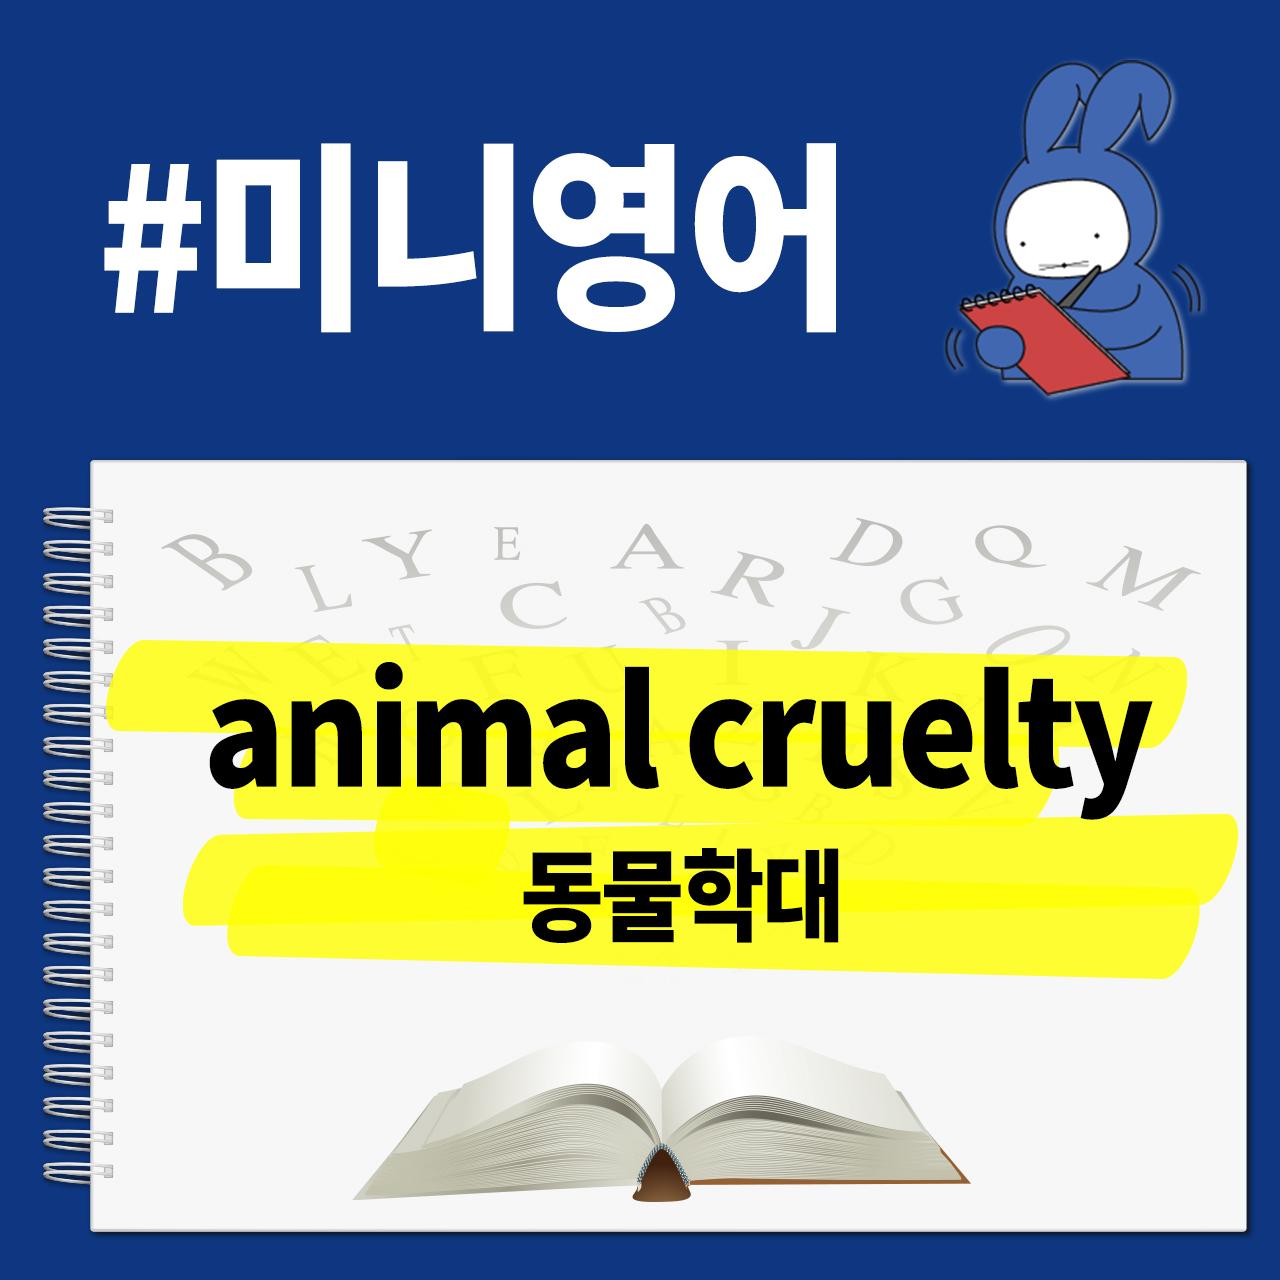 [오디오래빗] 미국은 7년 한국은 벌금? #동물학대 영어로 뭐게